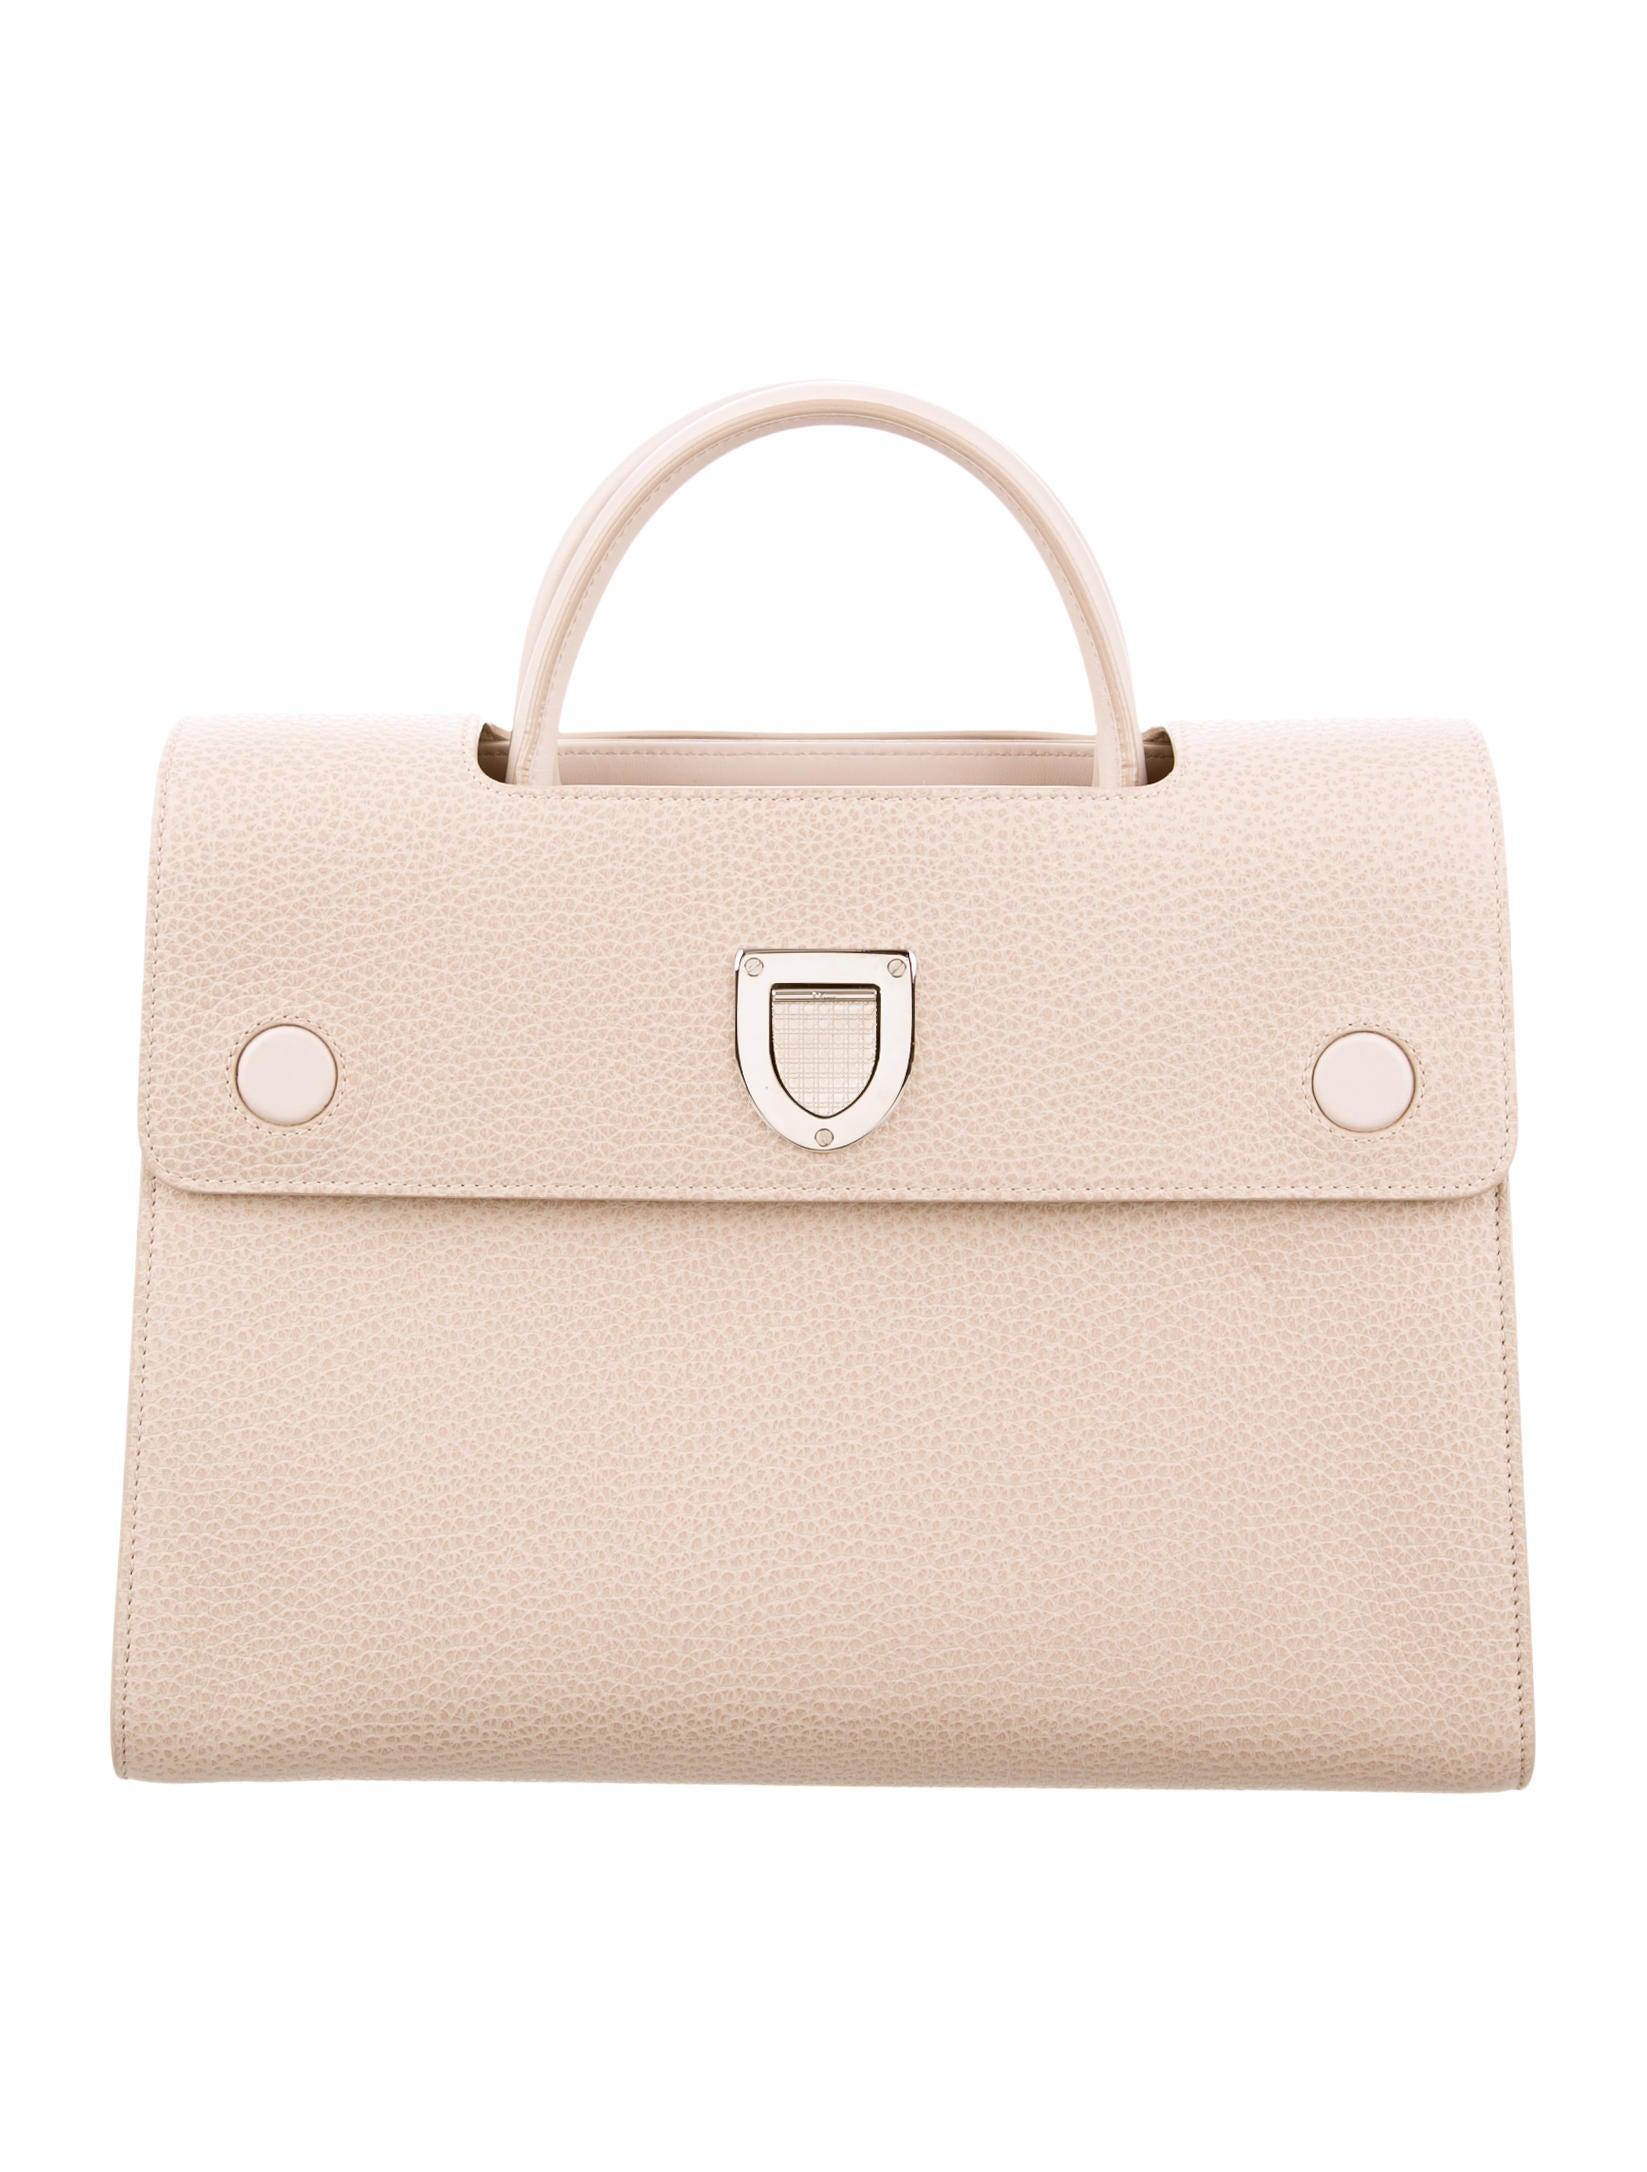 6a2249b0ece3 Christian Dior Medium Diorever Bag - Handbags - CHR48815